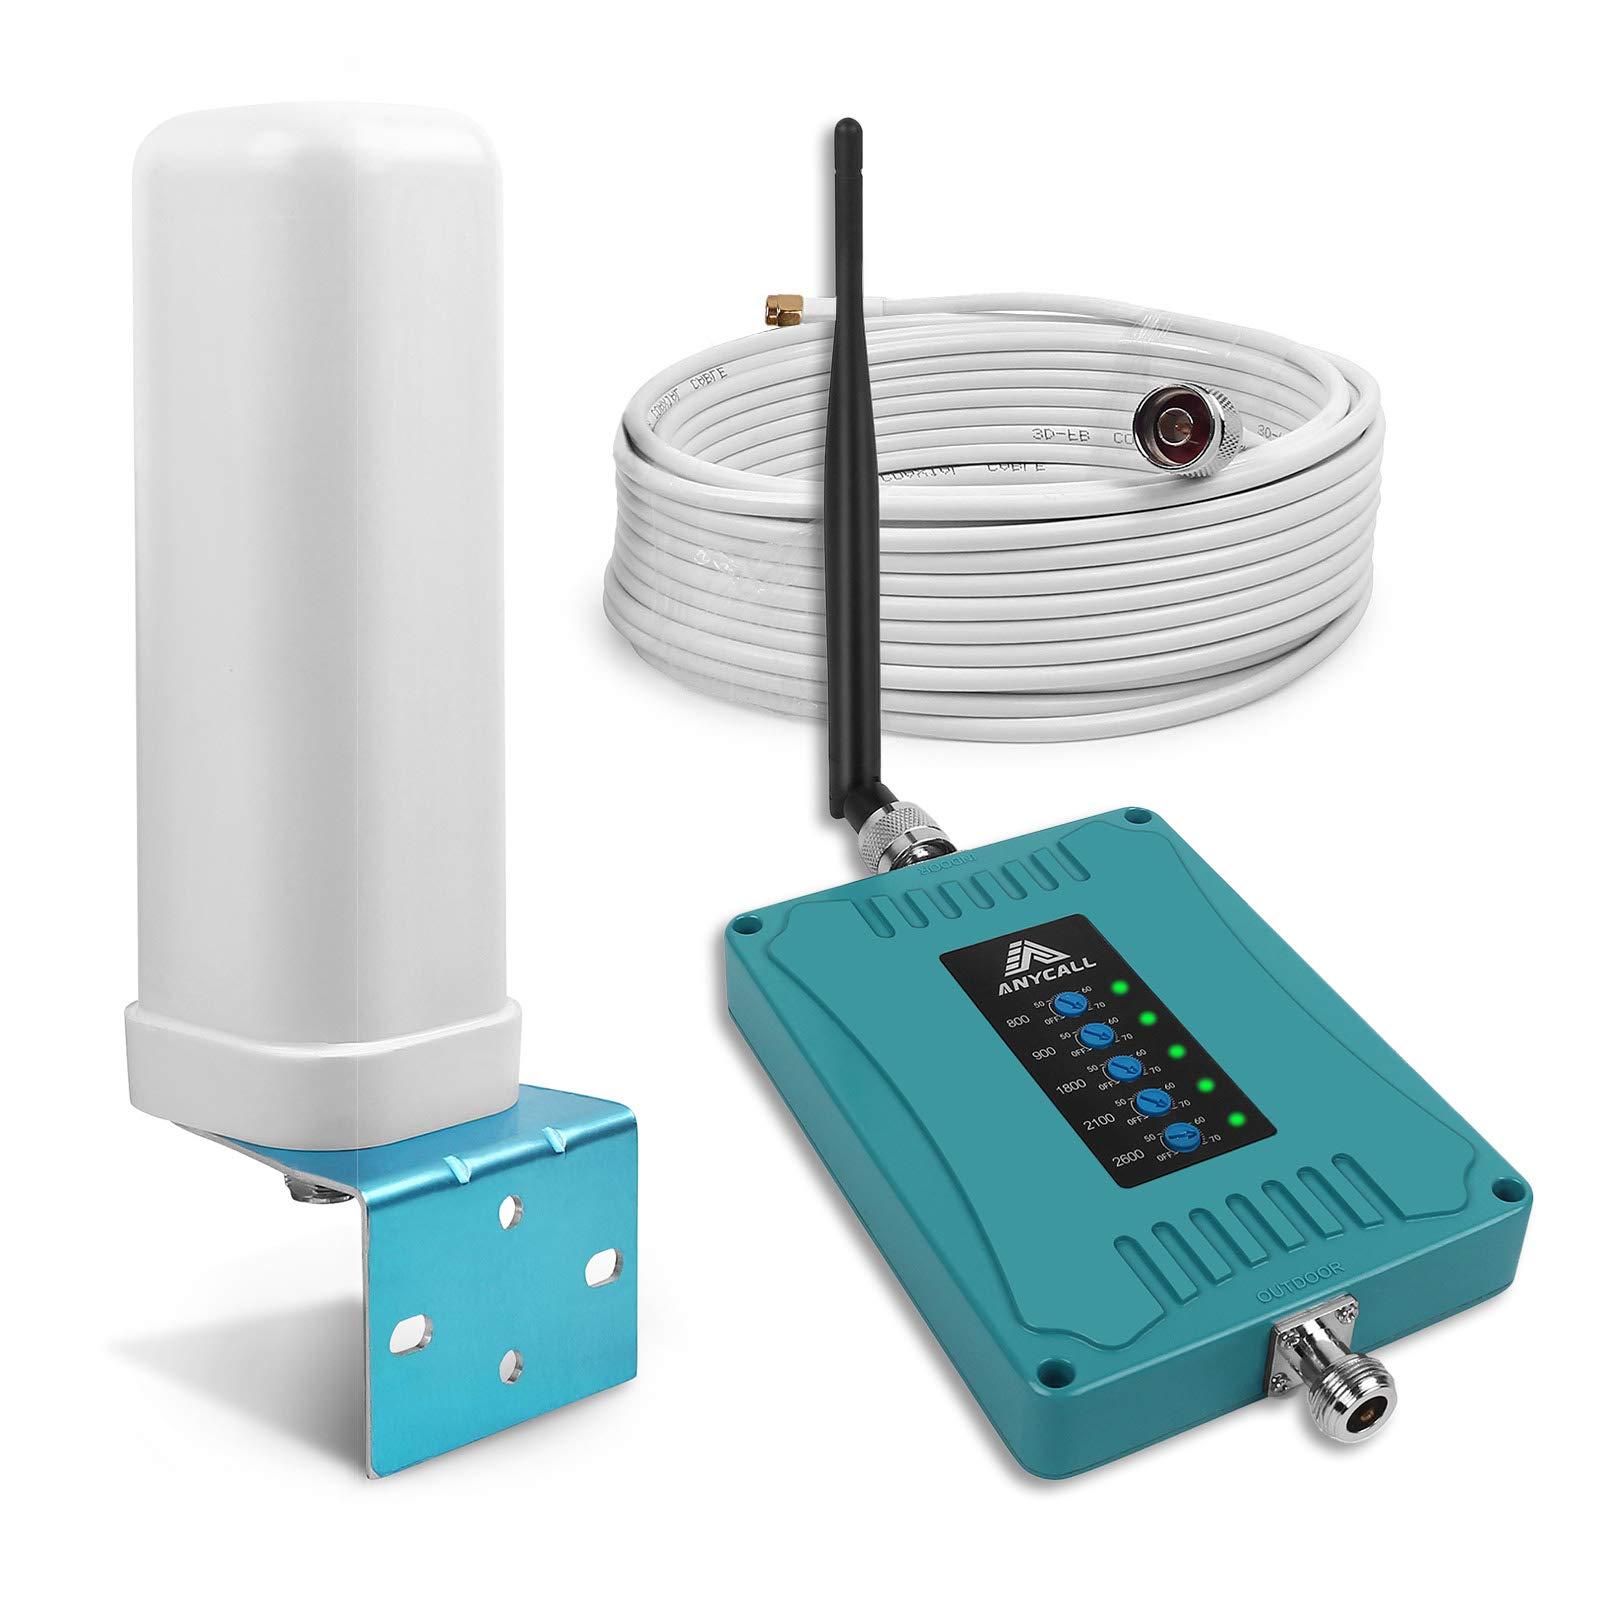 ANYCALL Amplificador Señal Móvil 2G 3G 4G 5-Banda Mejora la Cobertura de Llamadas y Datos 4G Repetidor gsm 4G para Movistar/Orange/Yoigo/Vodafone para Casa/Oficina: Amazon.es: Electrónica